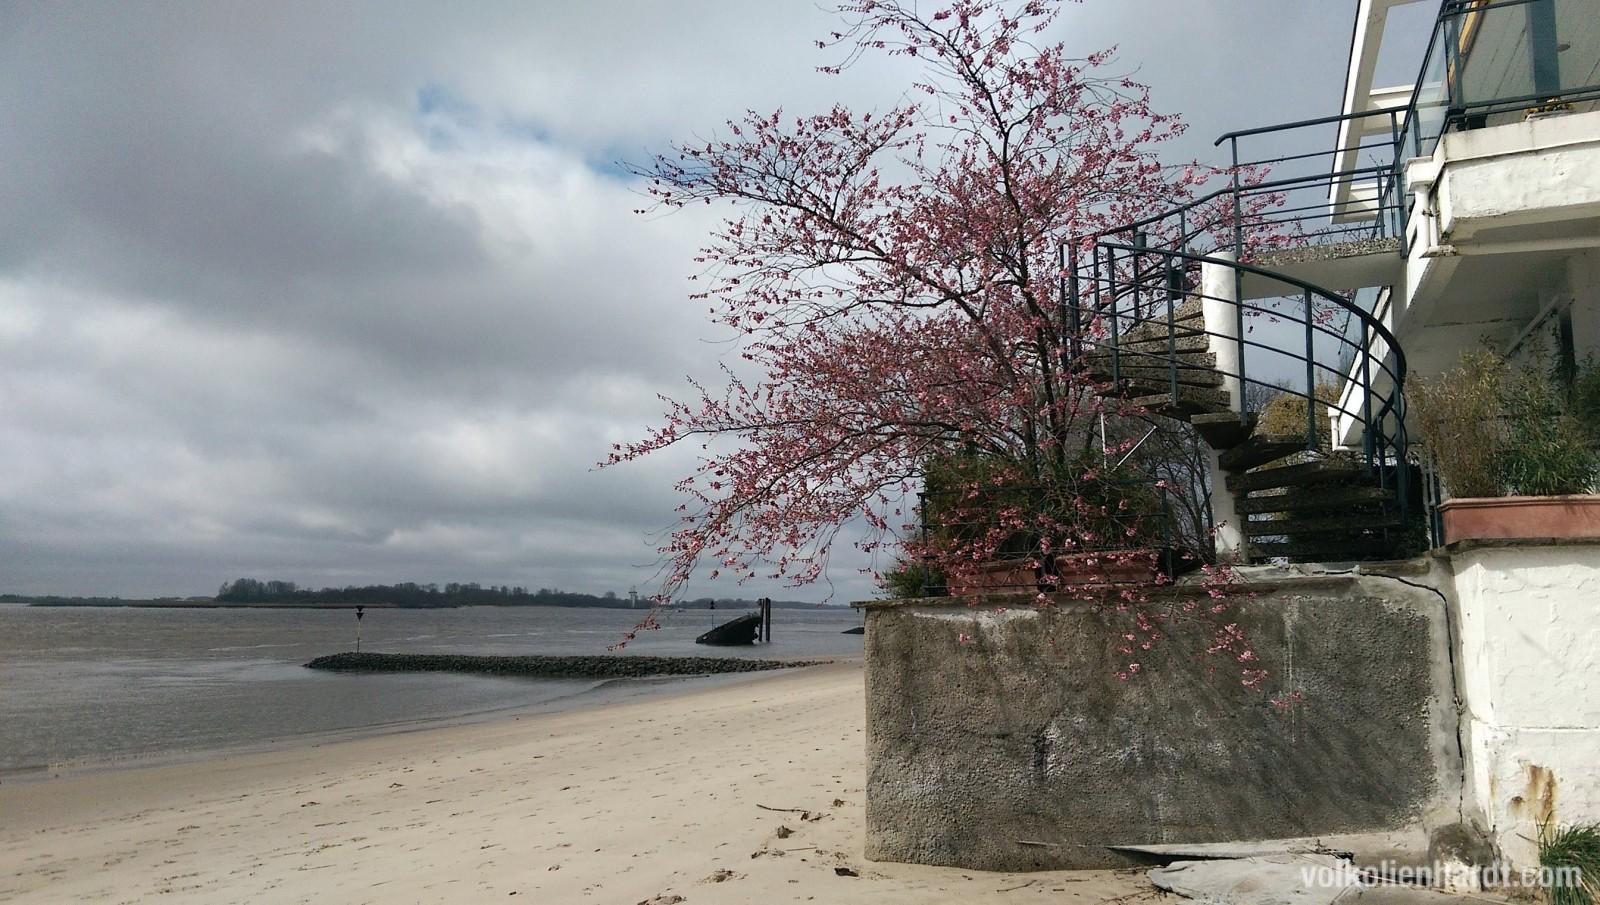 Strand in Blankenese